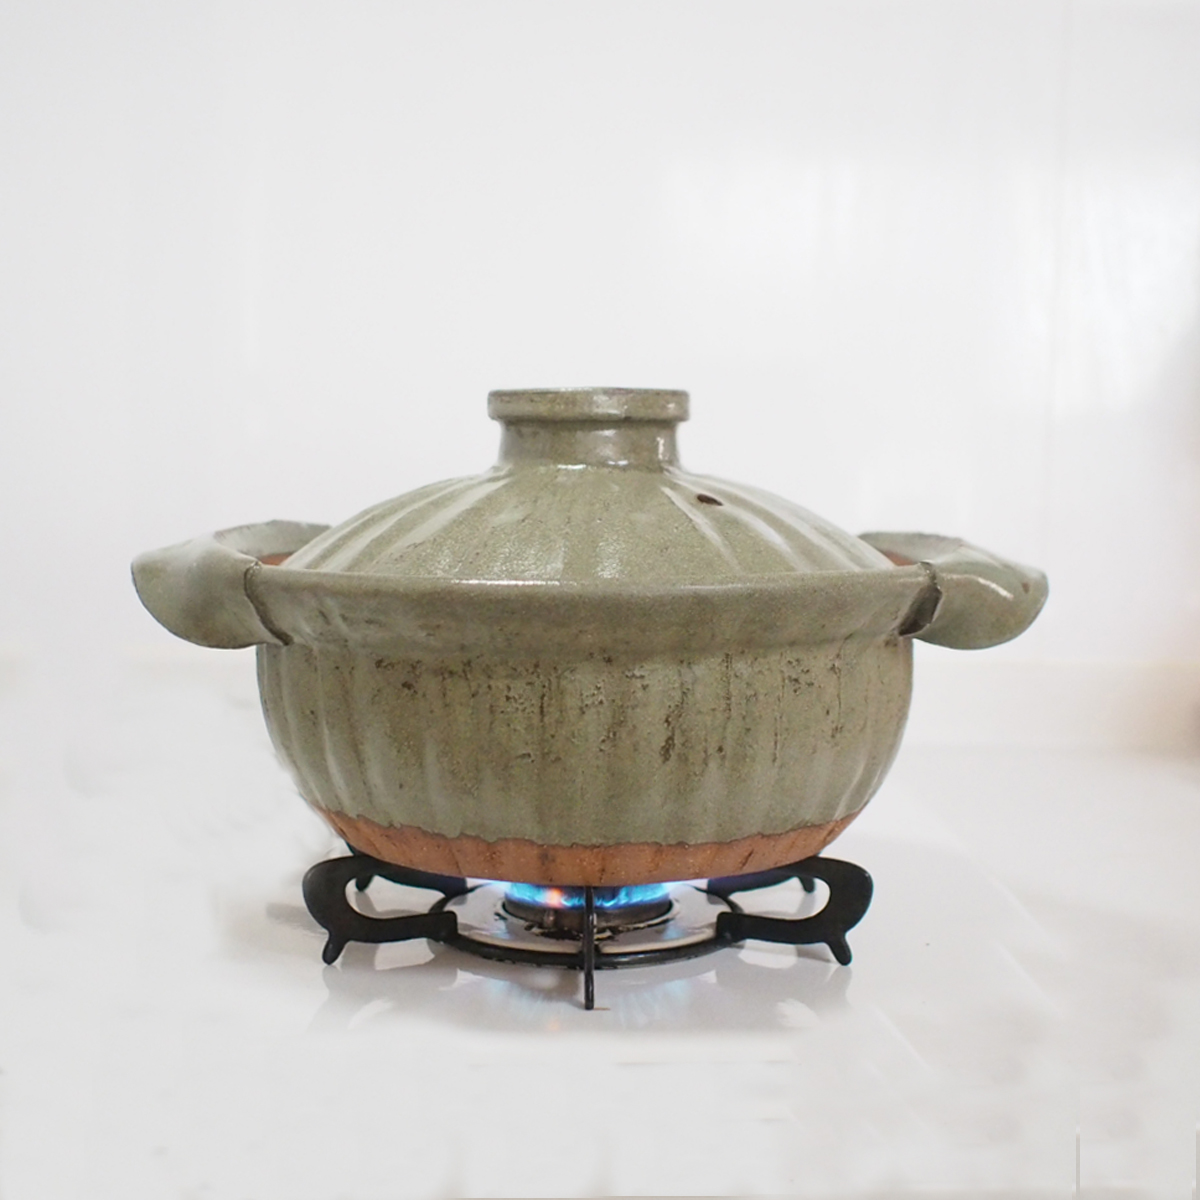 土鍋でご飯を炊いている画像